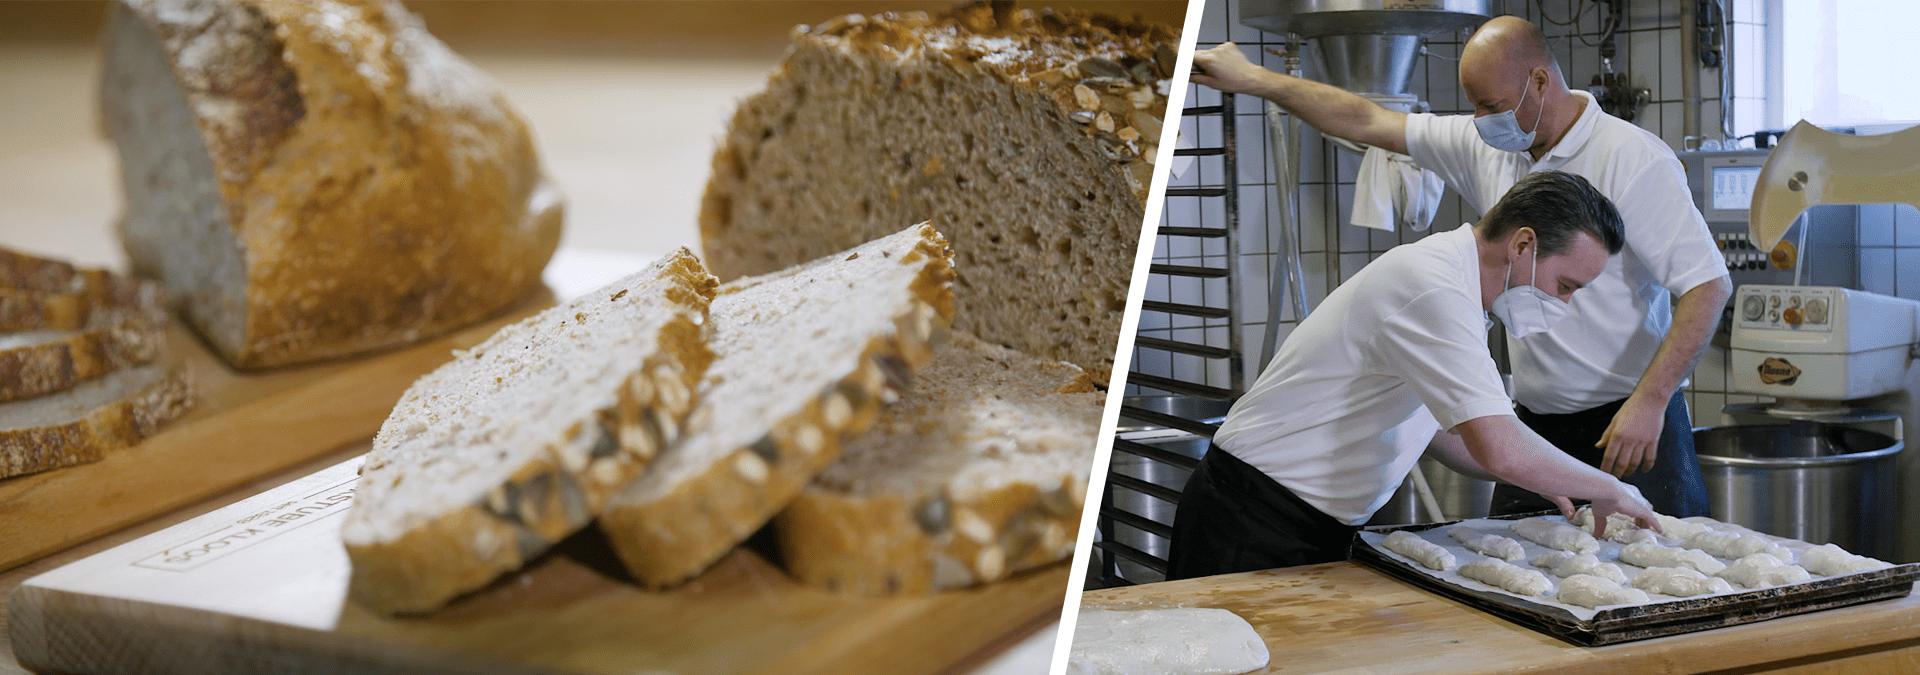 DER PRAKTIKANT beim Bäcker